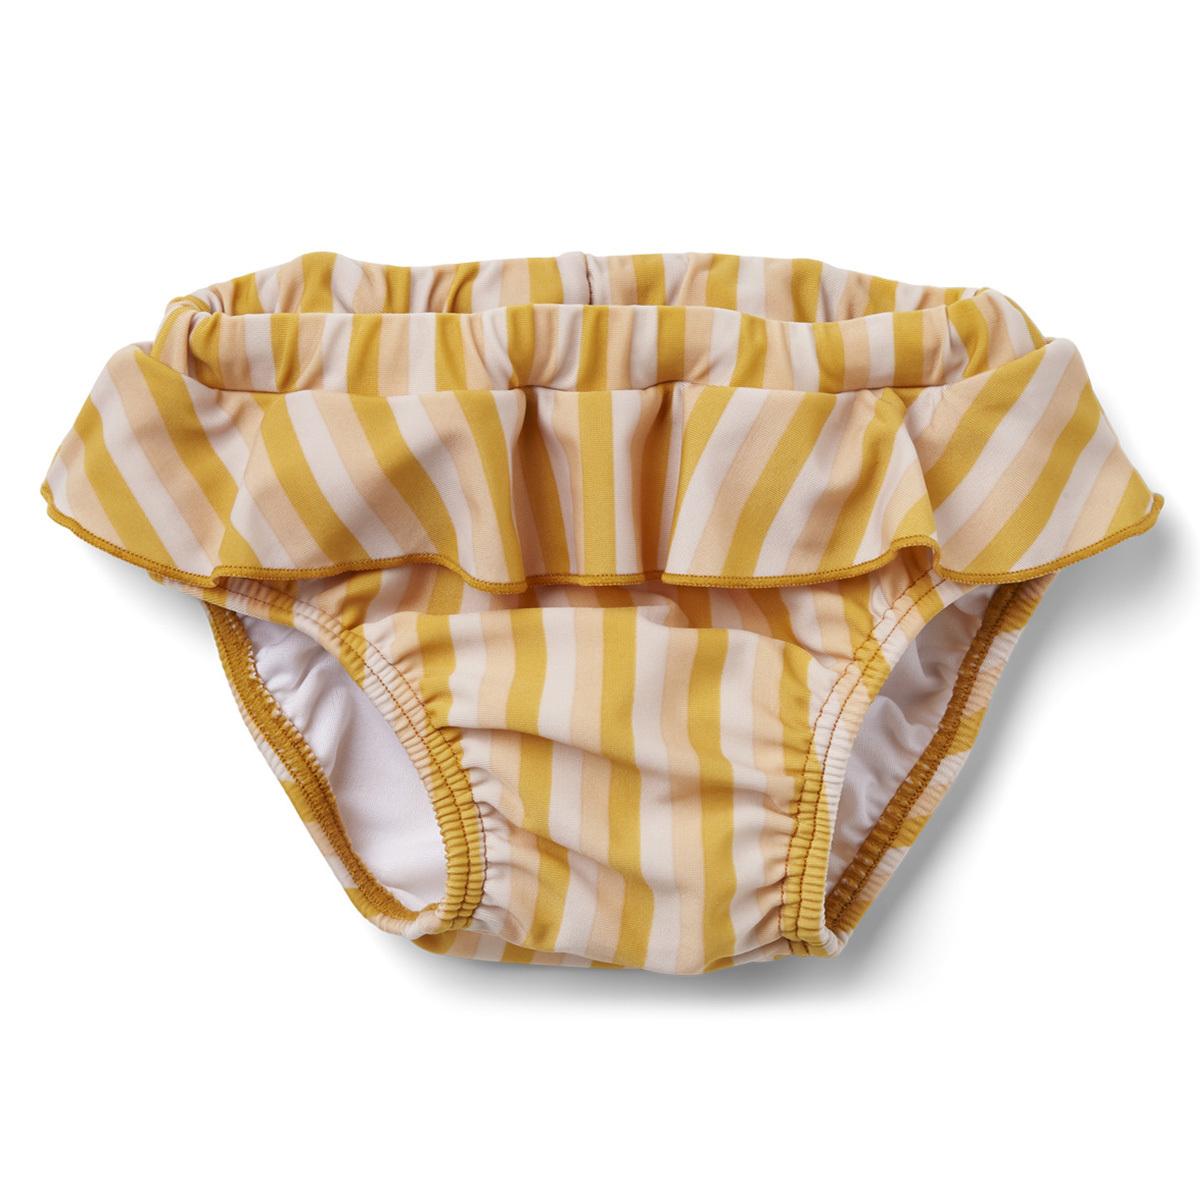 Accessoires bébé Culotte de Bain Elise Rayée Peach Sandy & Yellow Mellow - 3/9 Mois Culotte de Bain Elise Rayée Peach Sandy & Yellow Mellow - 3/9 Mois